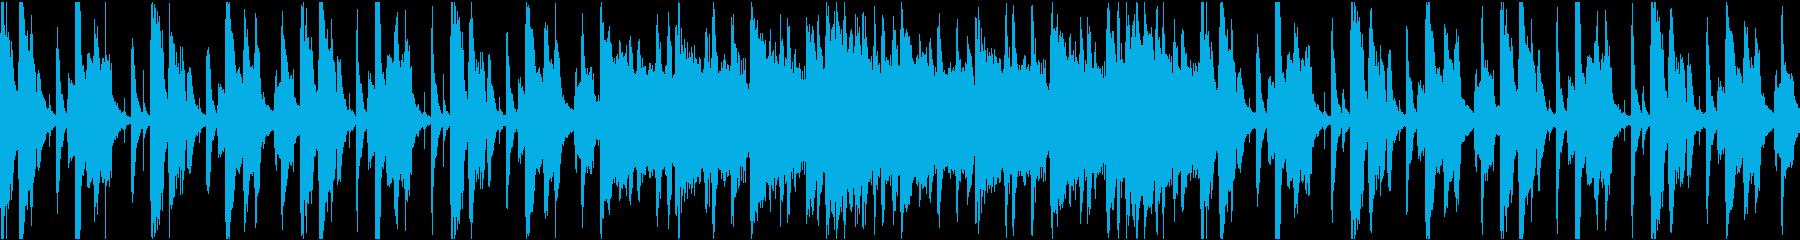 ゆったりコミカル/静かめ/ループの再生済みの波形